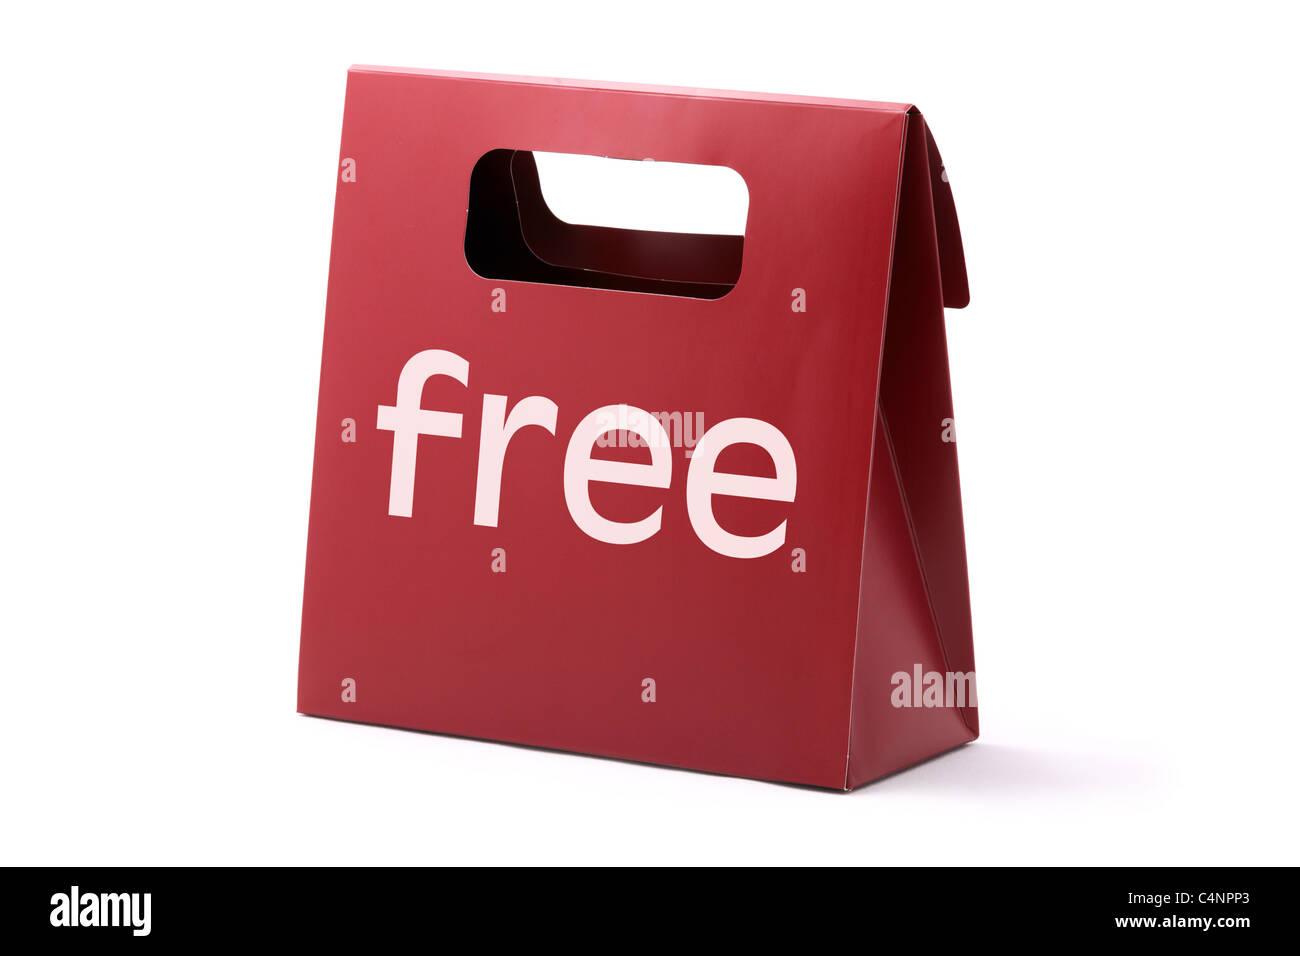 Elegante bolsa de cartón rojo con la palabra libre aislado sobre un fondo blanco. Imagen De Stock